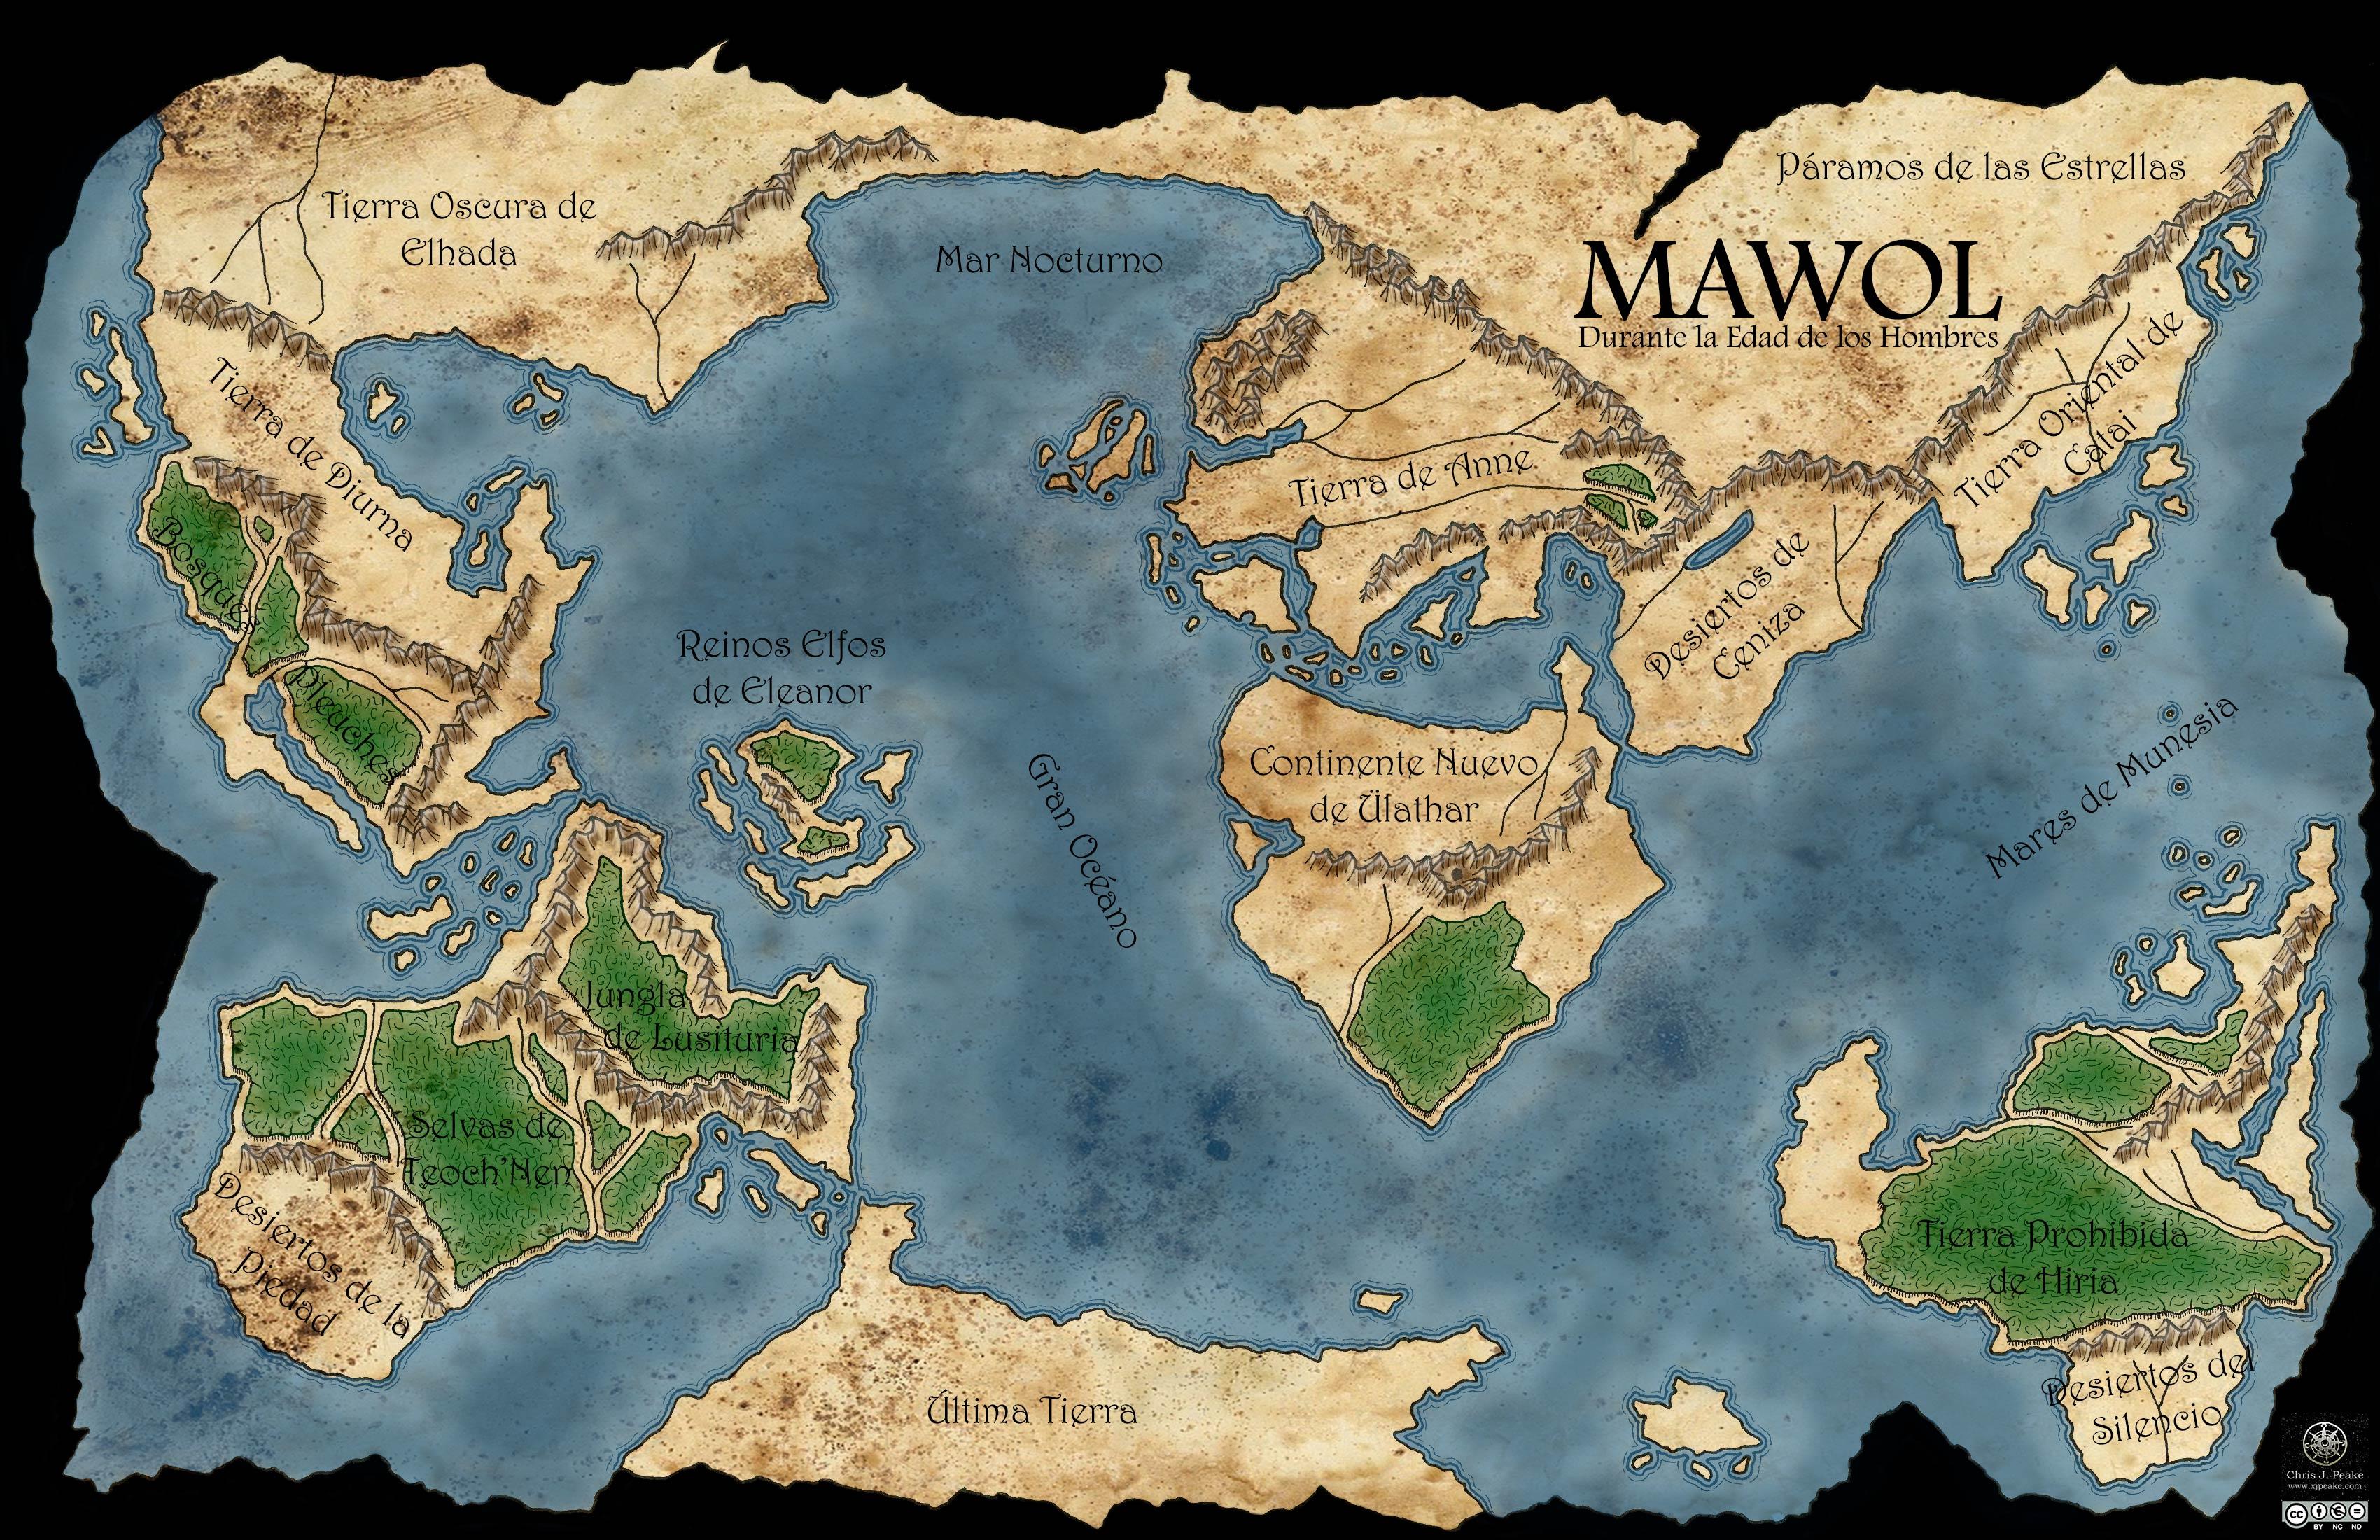 Mawol (durante la Edad de los Hombres)